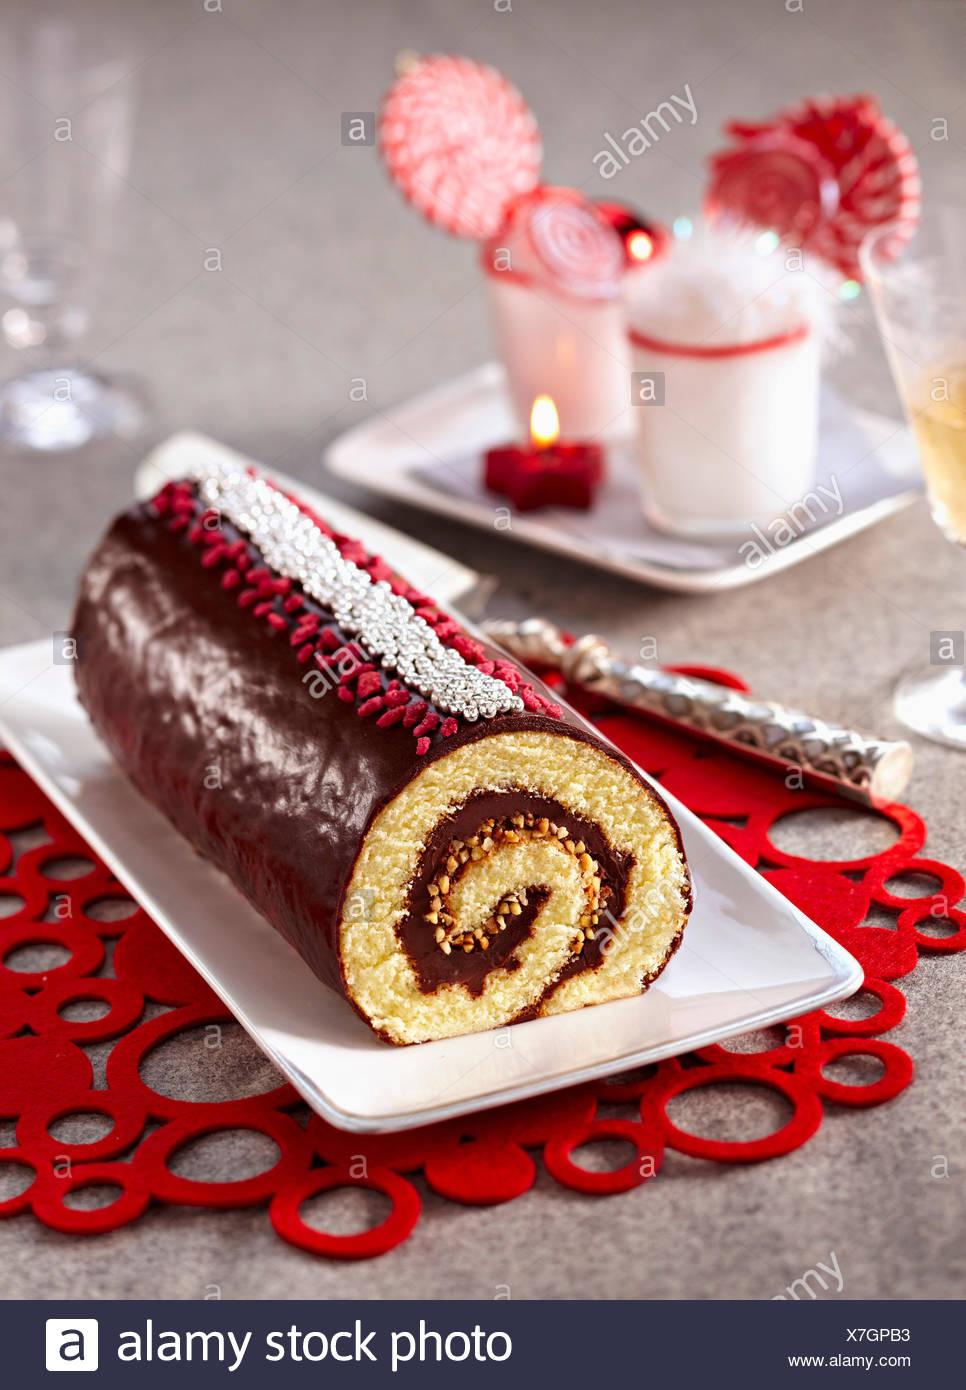 Le chocolat et amandes gâteau roulé log Photo Stock